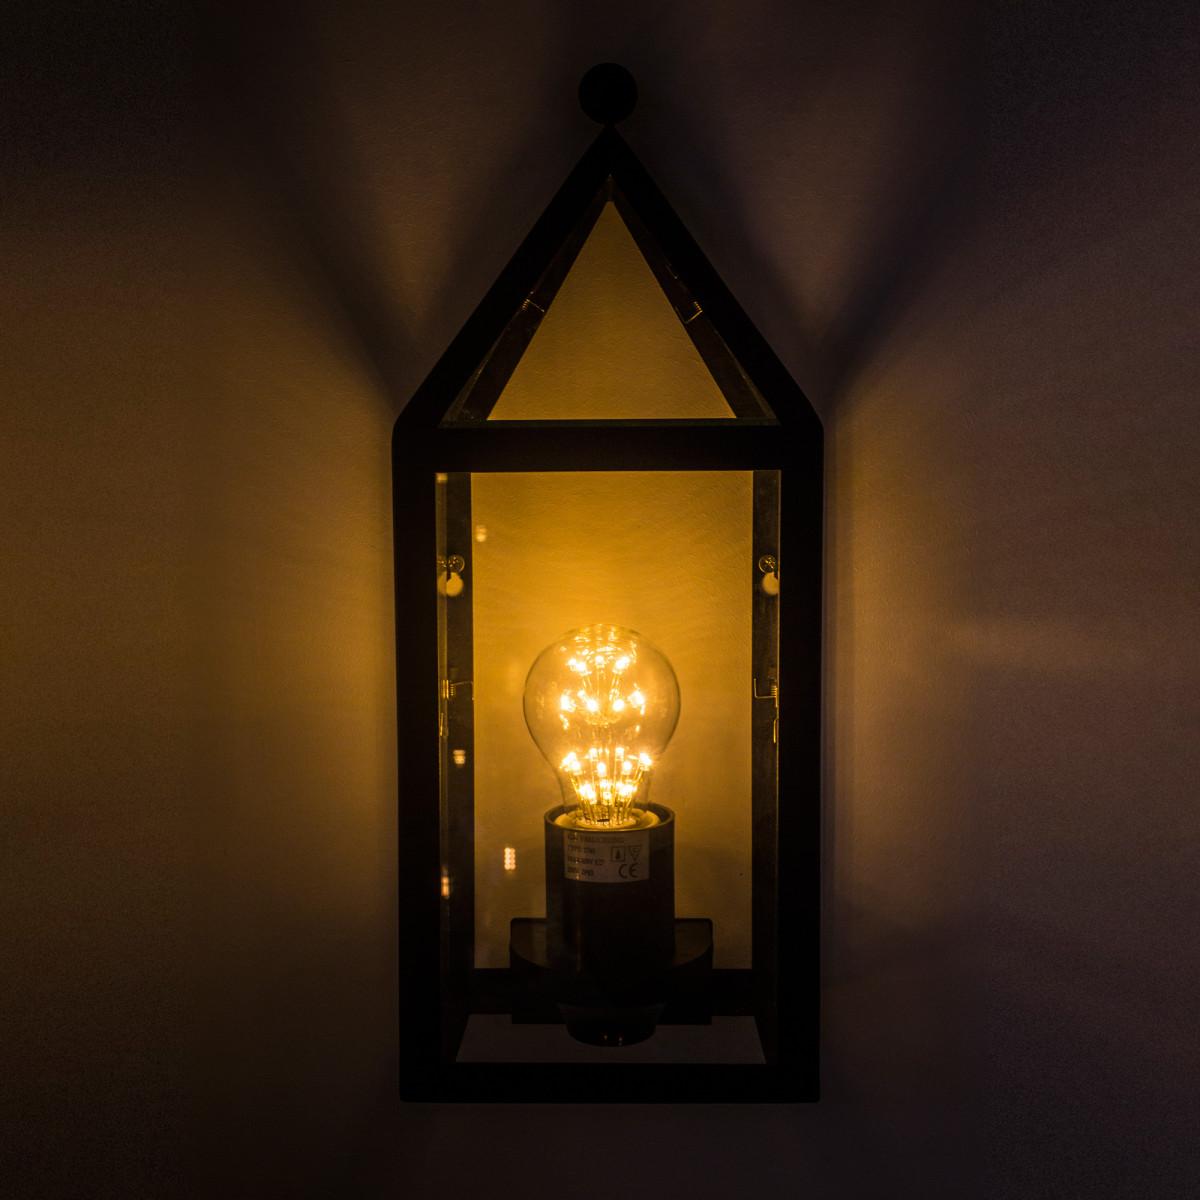 wandlamp voor buiten met zwart frame en heldere beglazing huisjes model buitenlamp in zwarte gooische stijl, voor aan de buitenmuur 40 cm hoog 15cm breed